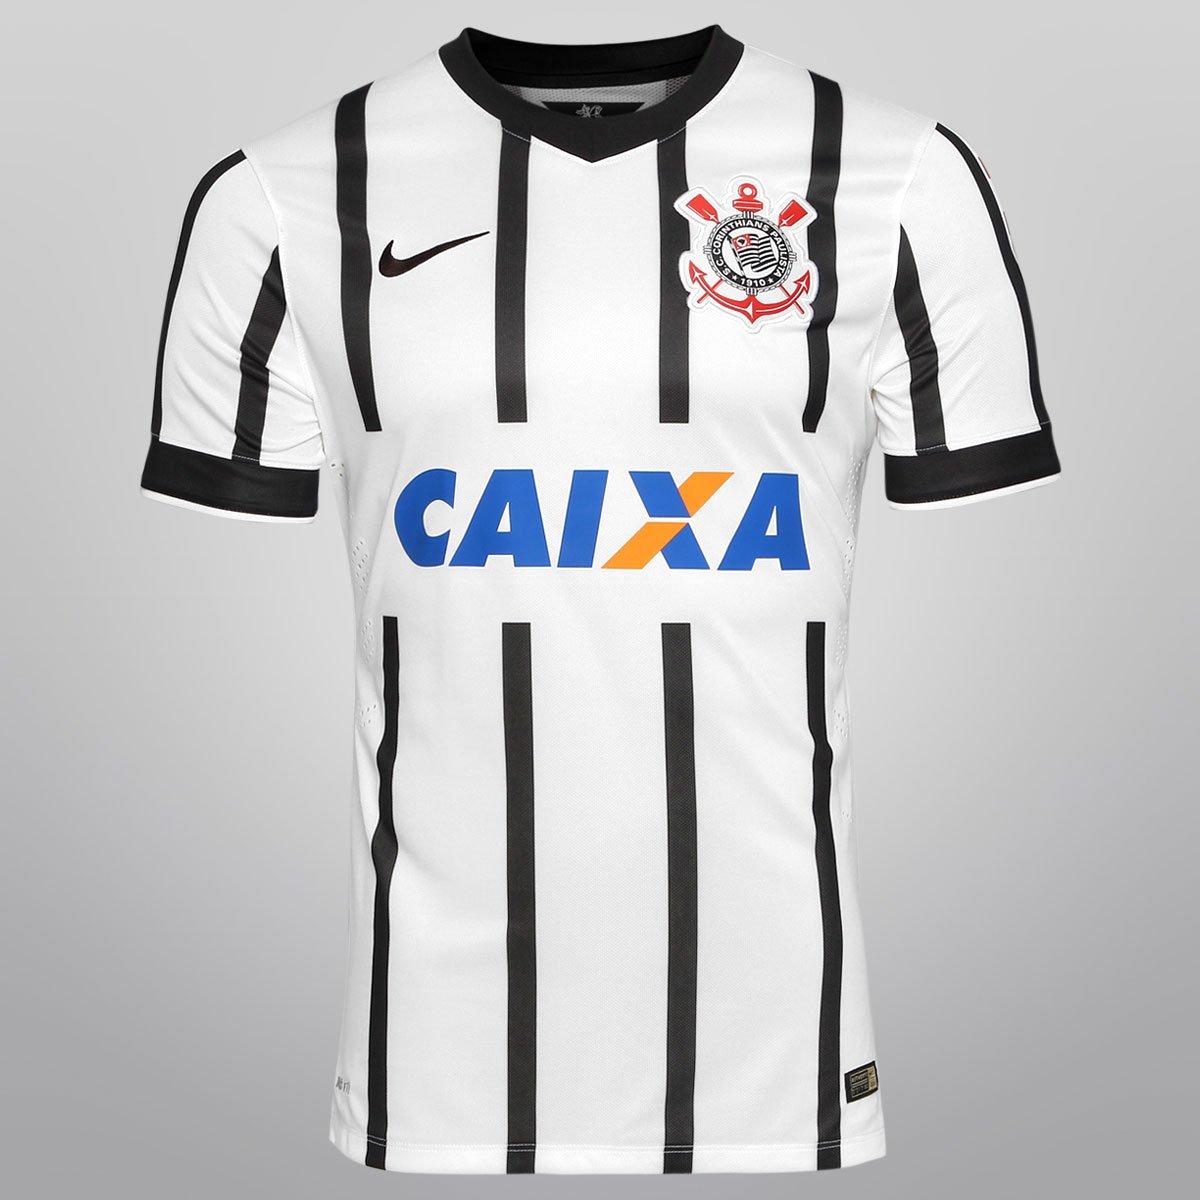 Camisa Nike Corinthians I 14 15 s nº - Jogador - Compre Agora  adfa09e150534